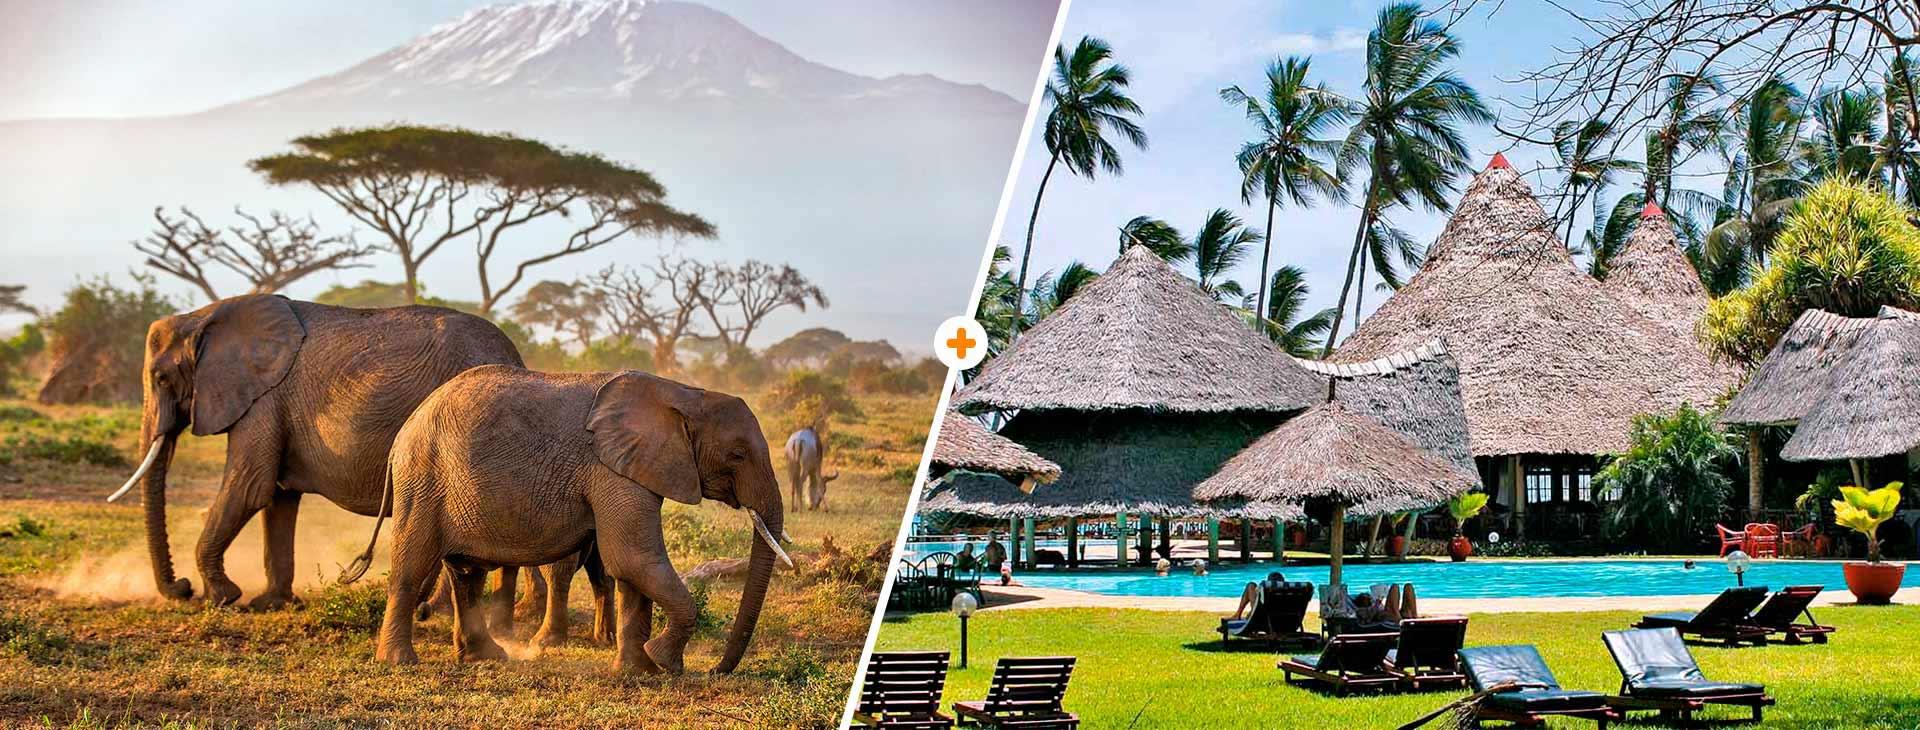 Powitanie z Afryką / Neptune Paradise Village Kenia, Wyc. Objazdowe, Wyc. objazdowe